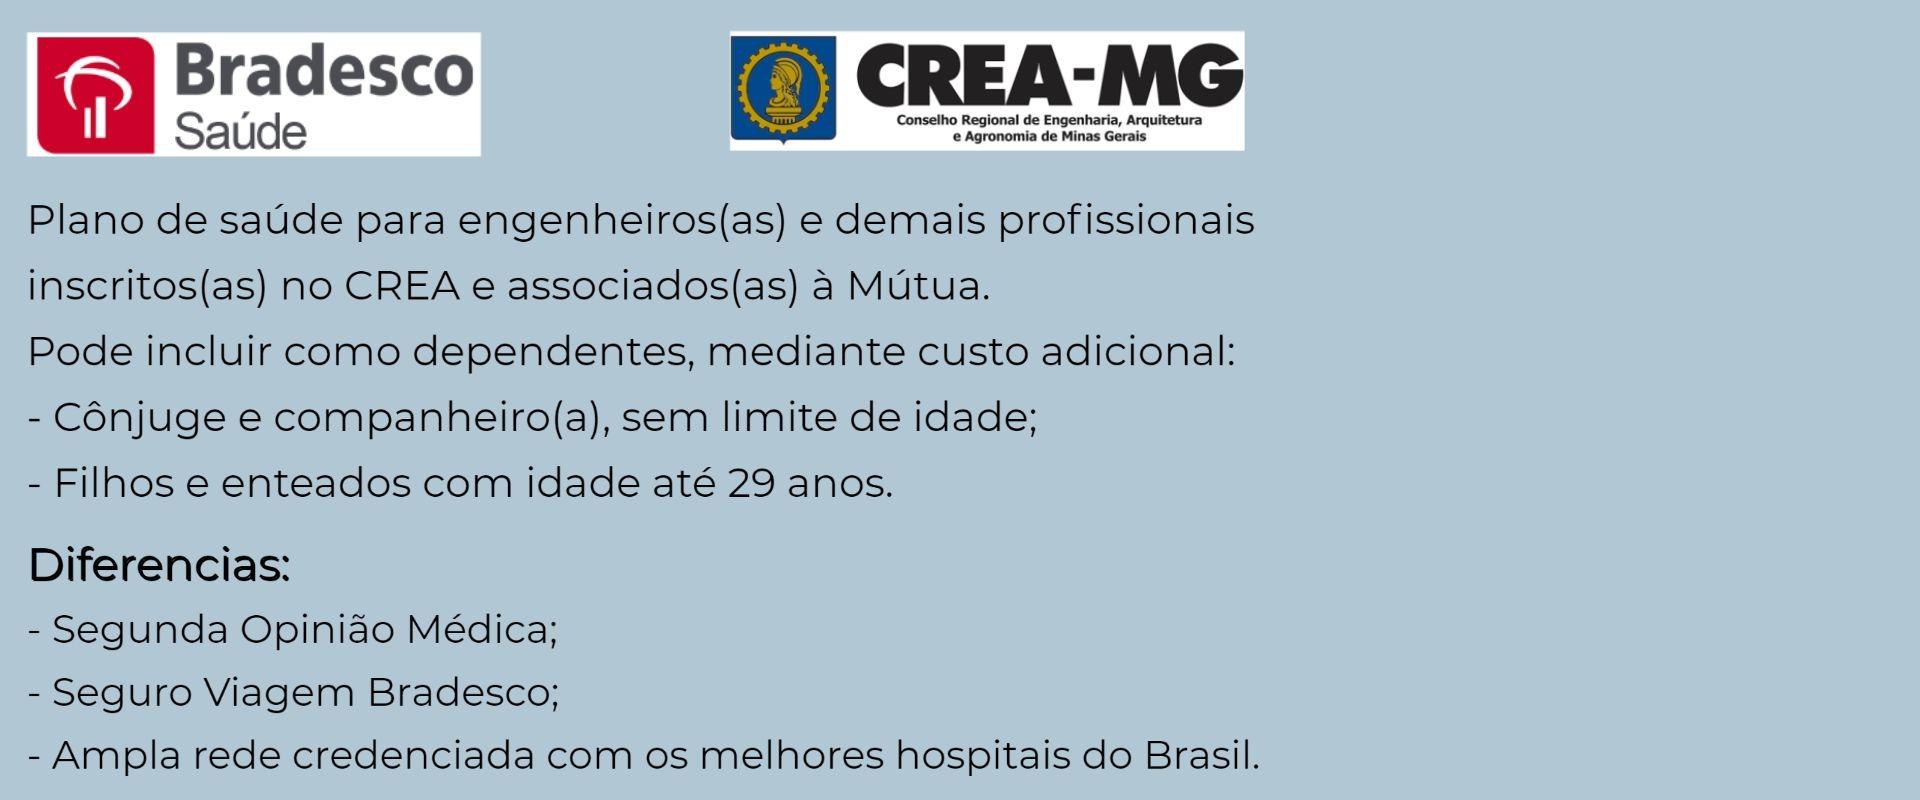 Bradesco Saúde CREA-MG